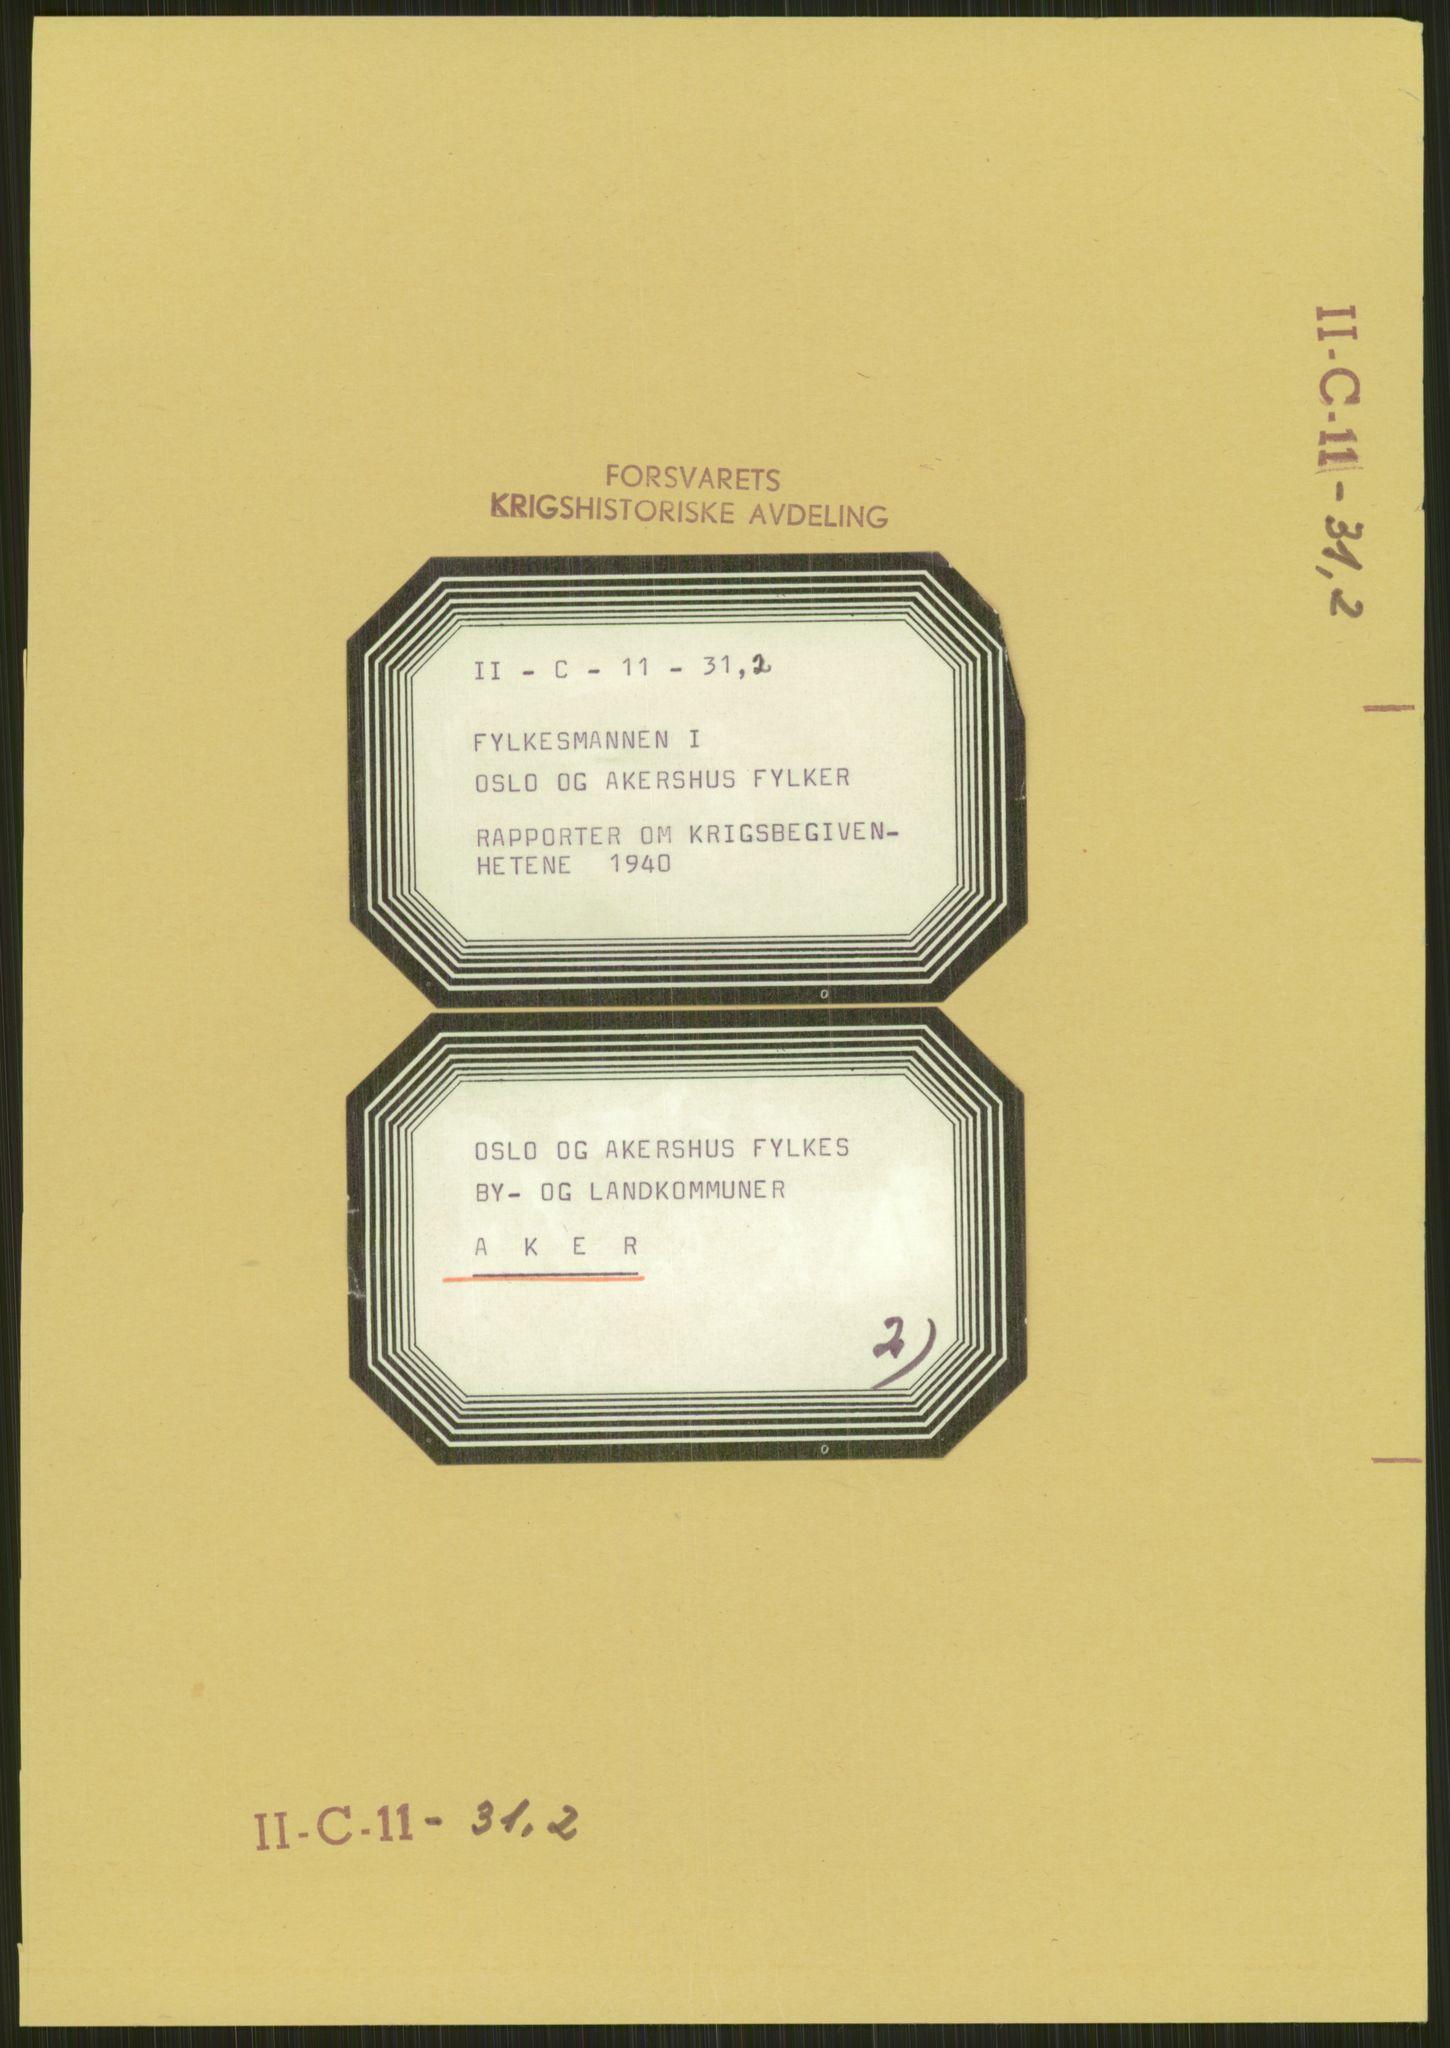 RA, Forsvaret, Forsvarets krigshistoriske avdeling, Y/Ya/L0013: II-C-11-31 - Fylkesmenn.  Rapporter om krigsbegivenhetene 1940., 1940, p. 217